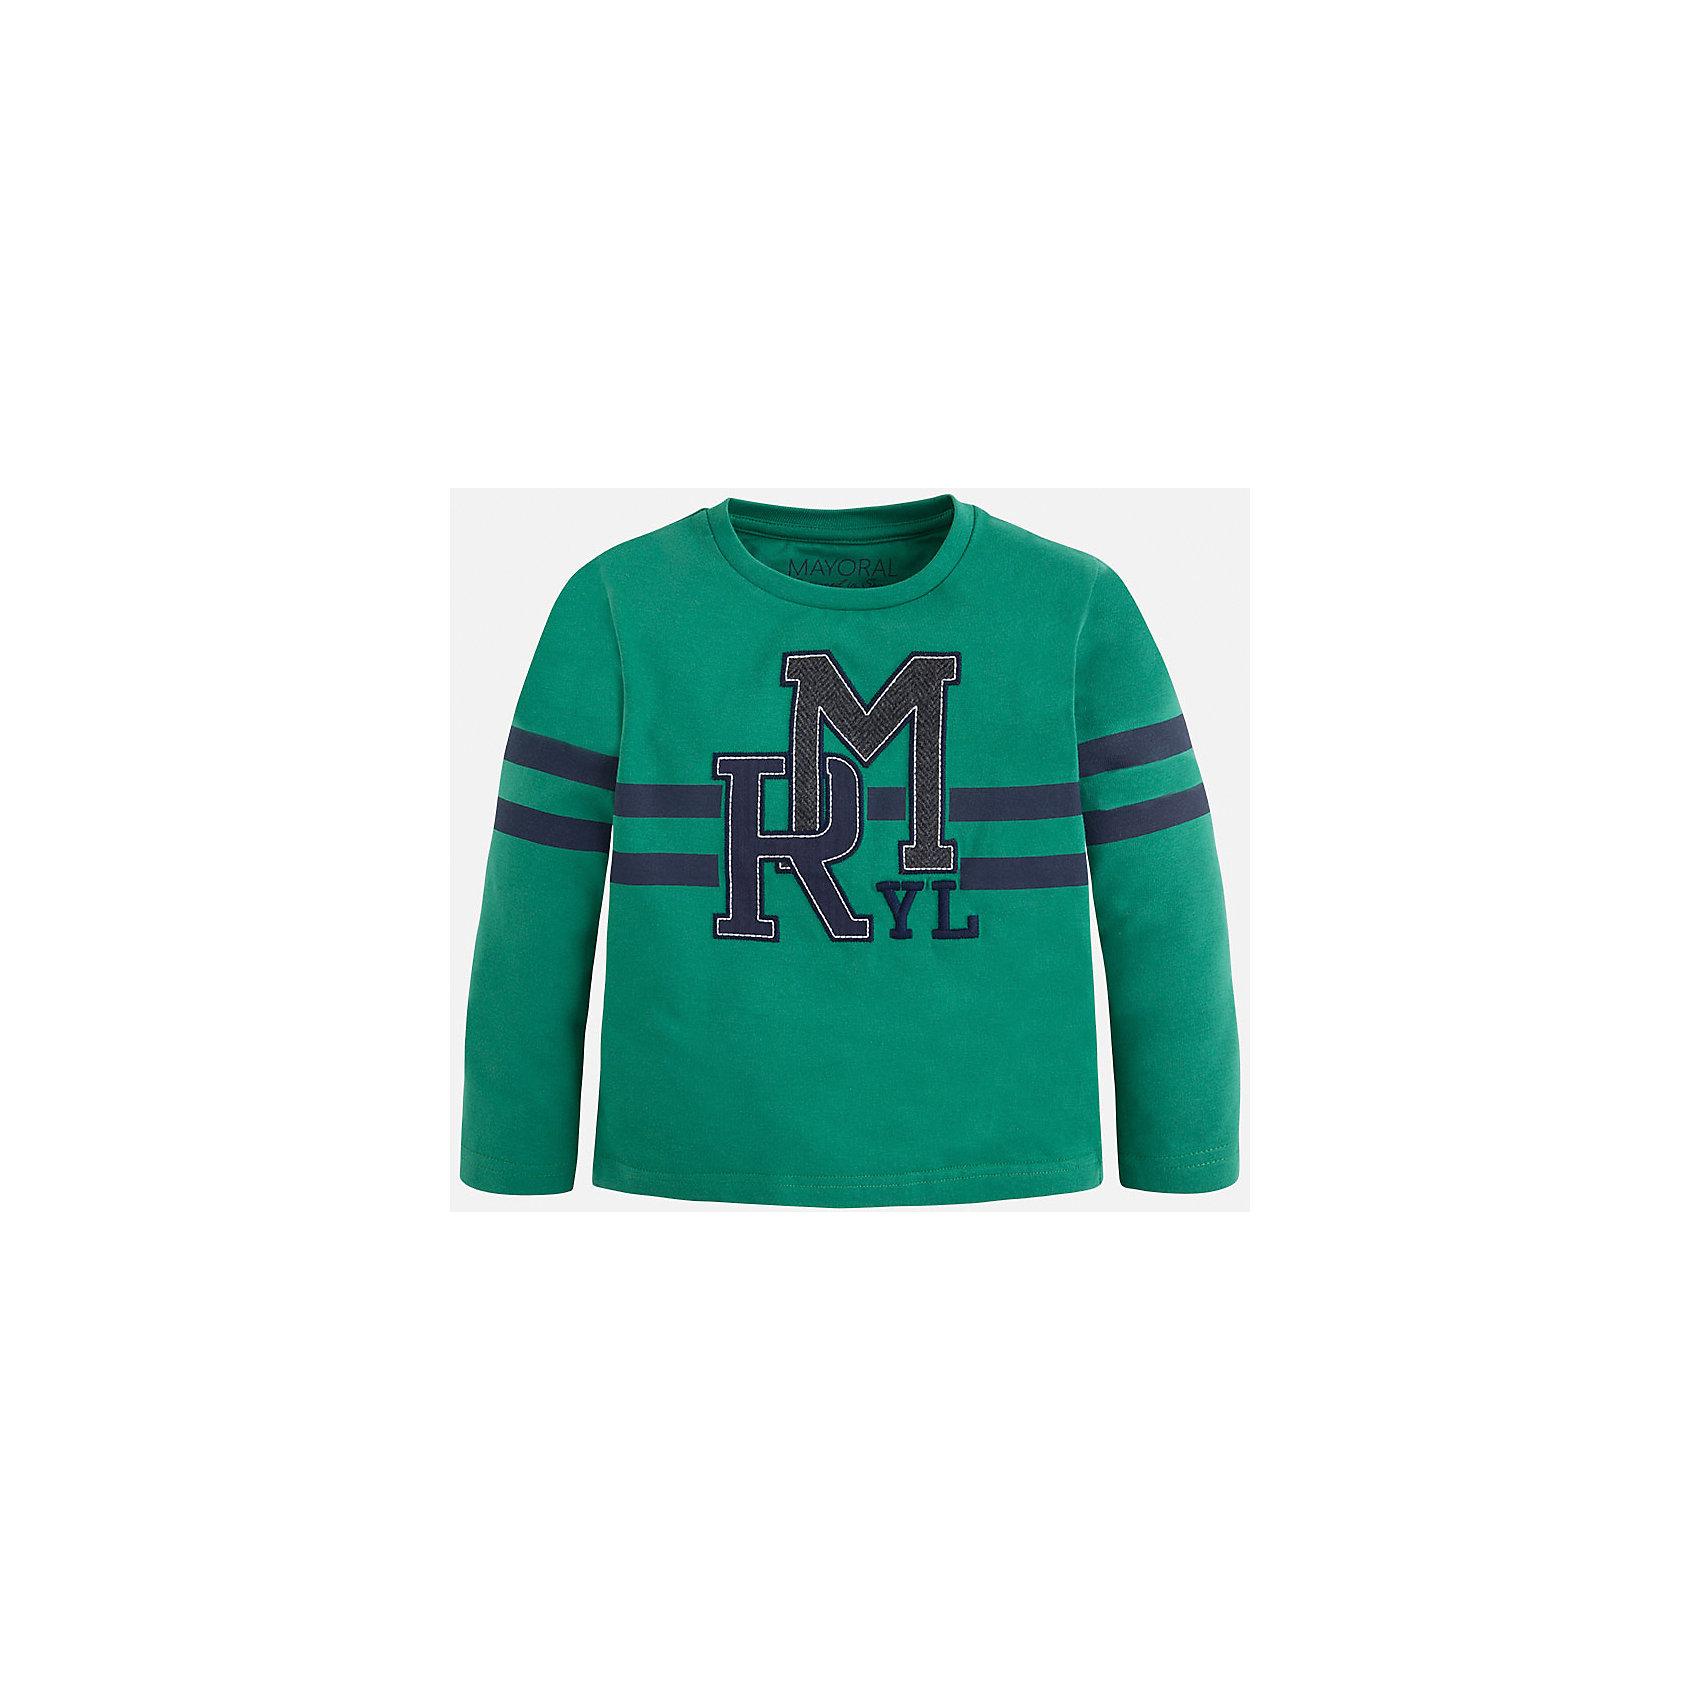 Футболка с длинным рукавом для мальчика MayoralХлопковая футболка с длинными рукавами - это  базовая вещь в любом гардеробе. Благодаря длинным рукавам и легкому составу, ее можно носить в любое время года, а яркий орнамент, подчеркнет индивидуальный стиль Вашего ребенка!!<br><br>Дополнительная информация:<br><br>- Крой: прямой крой.<br>- Страна бренда: Испания.<br>- Состав: хлопок 100%.<br>- Цвет: зеленый.<br>- Уход: бережная стирка при 30 градусах.<br><br>Купить футболку с длинным рукавом для мальчика, от  Mayoral, можно в нашем магазине.<br><br>Ширина мм: 230<br>Глубина мм: 40<br>Высота мм: 220<br>Вес г: 250<br>Цвет: зеленый<br>Возраст от месяцев: 24<br>Возраст до месяцев: 36<br>Пол: Мужской<br>Возраст: Детский<br>Размер: 98,104,134,128,122,116,110<br>SKU: 4821805